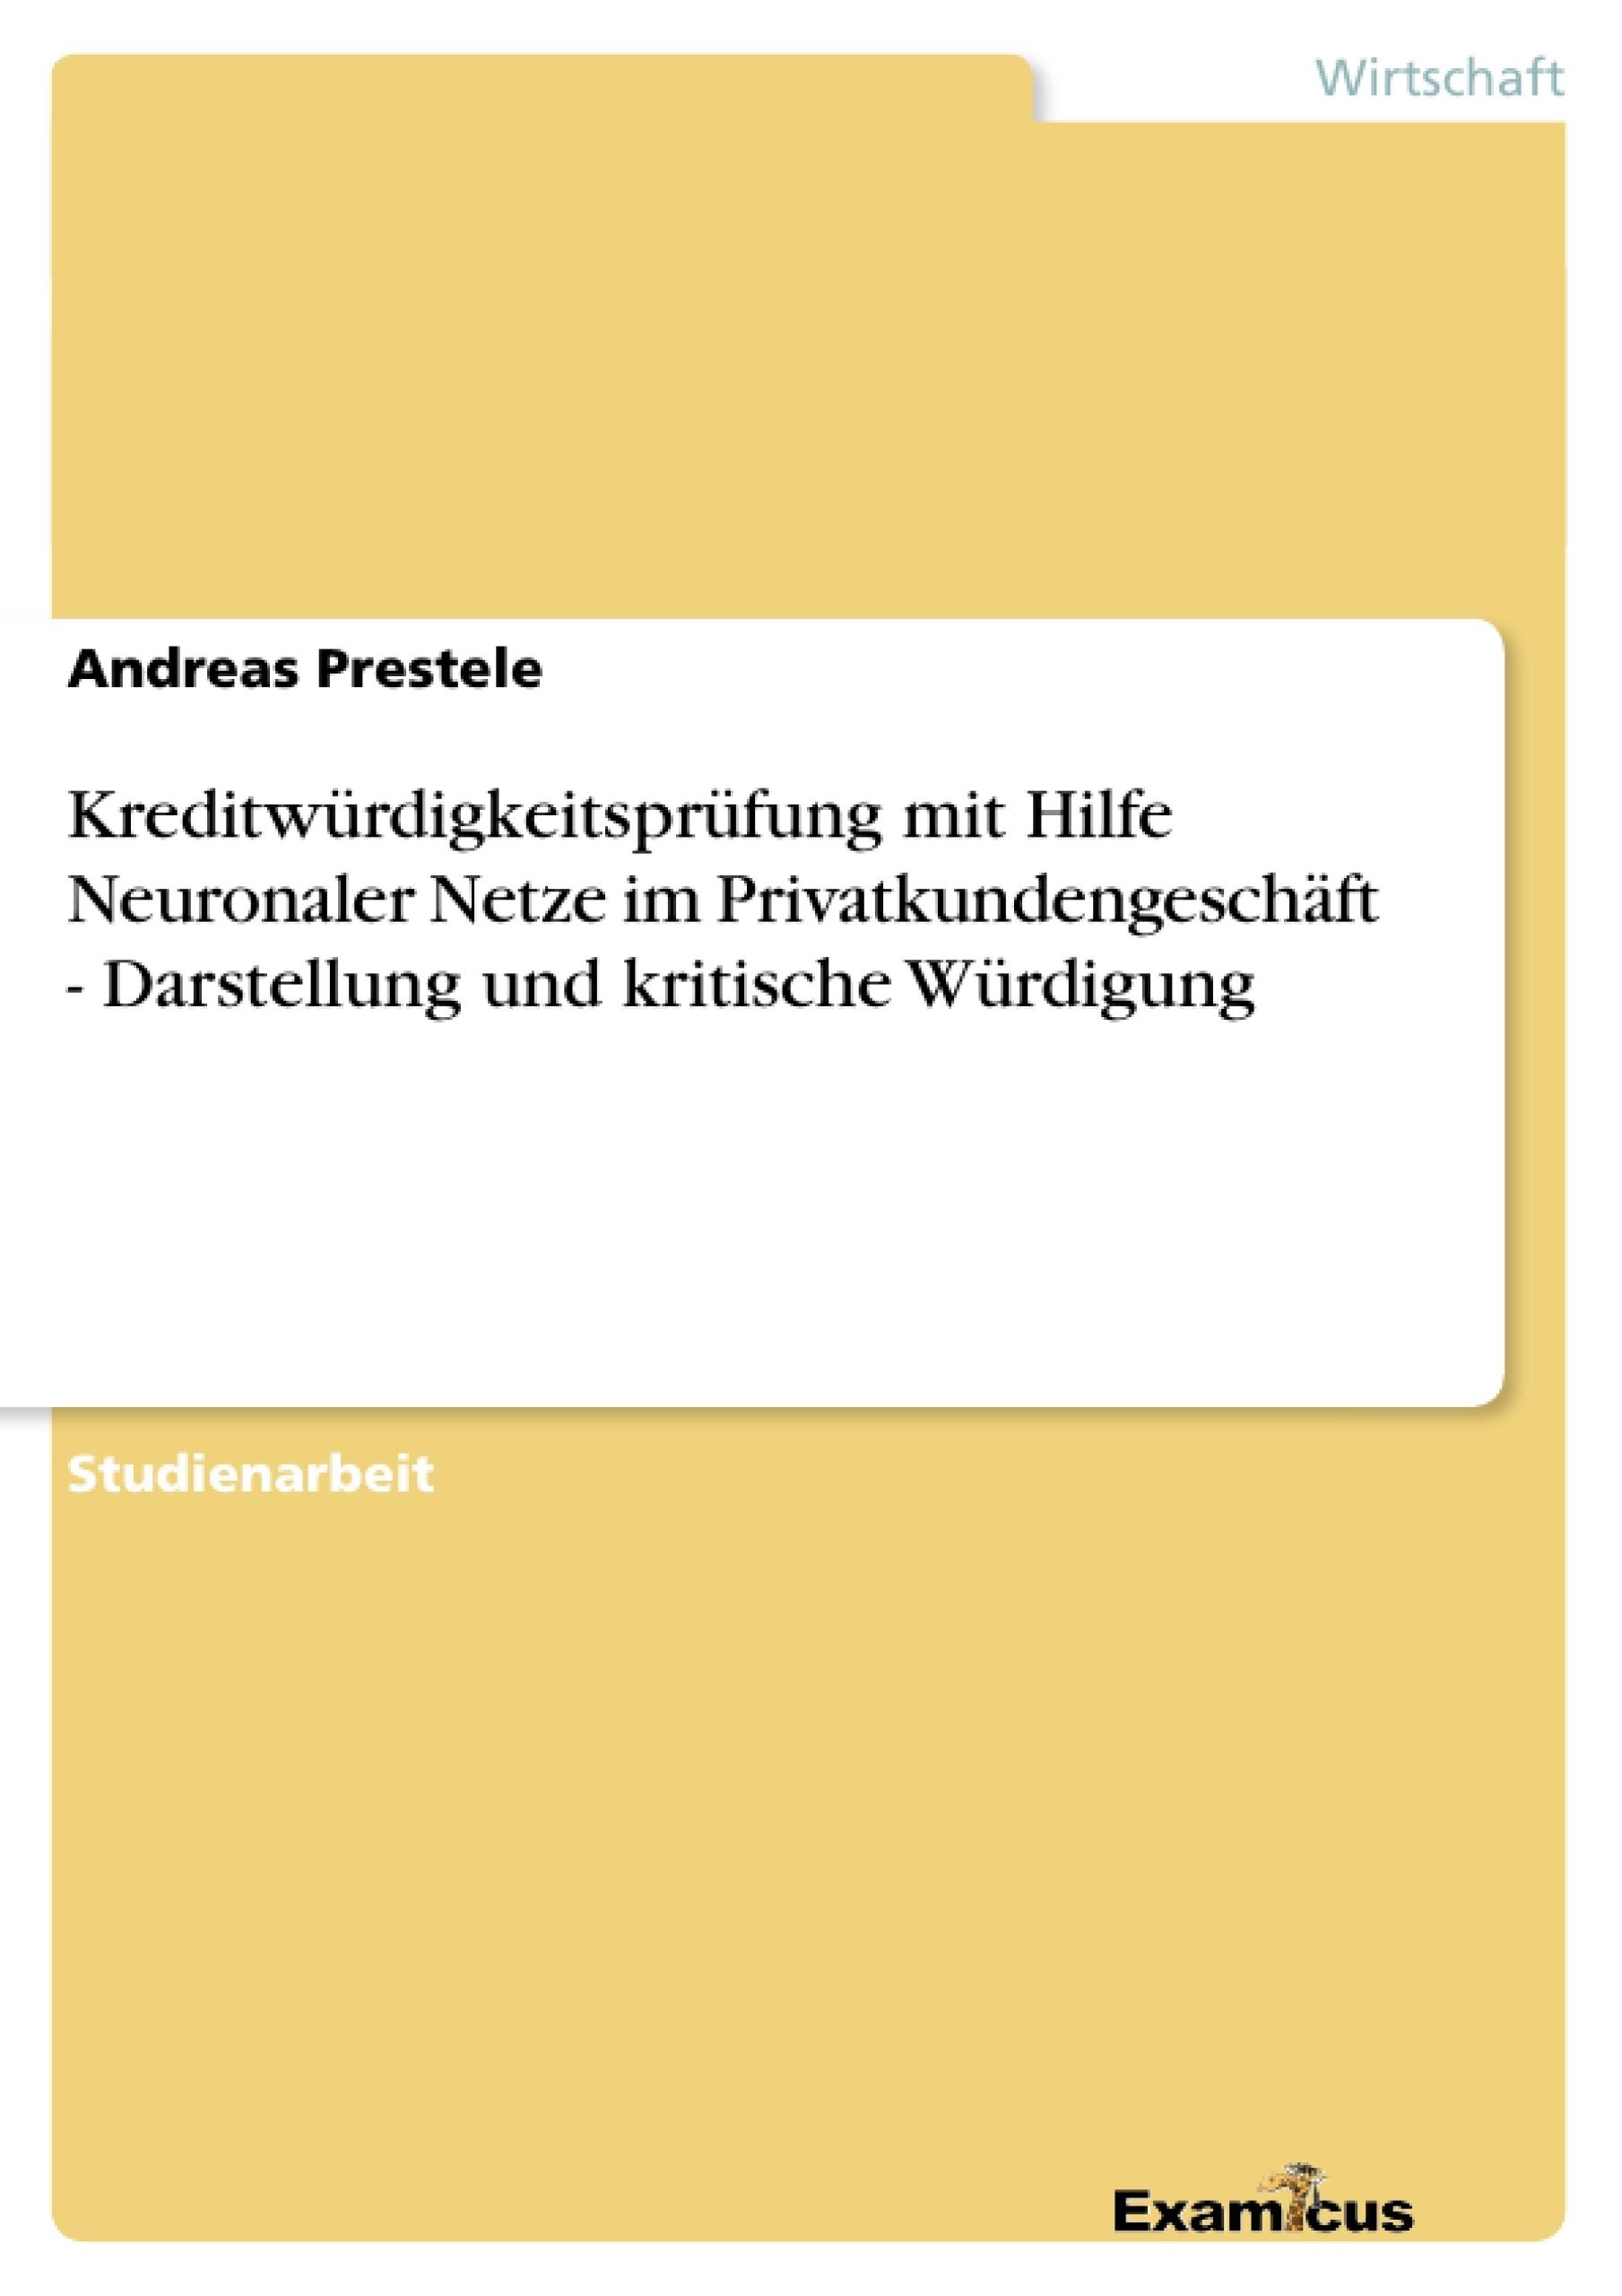 Titel: Kreditwürdigkeitsprüfung mit Hilfe Neuronaler Netze im Privatkundengeschäft - Darstellung und kritische Würdigung